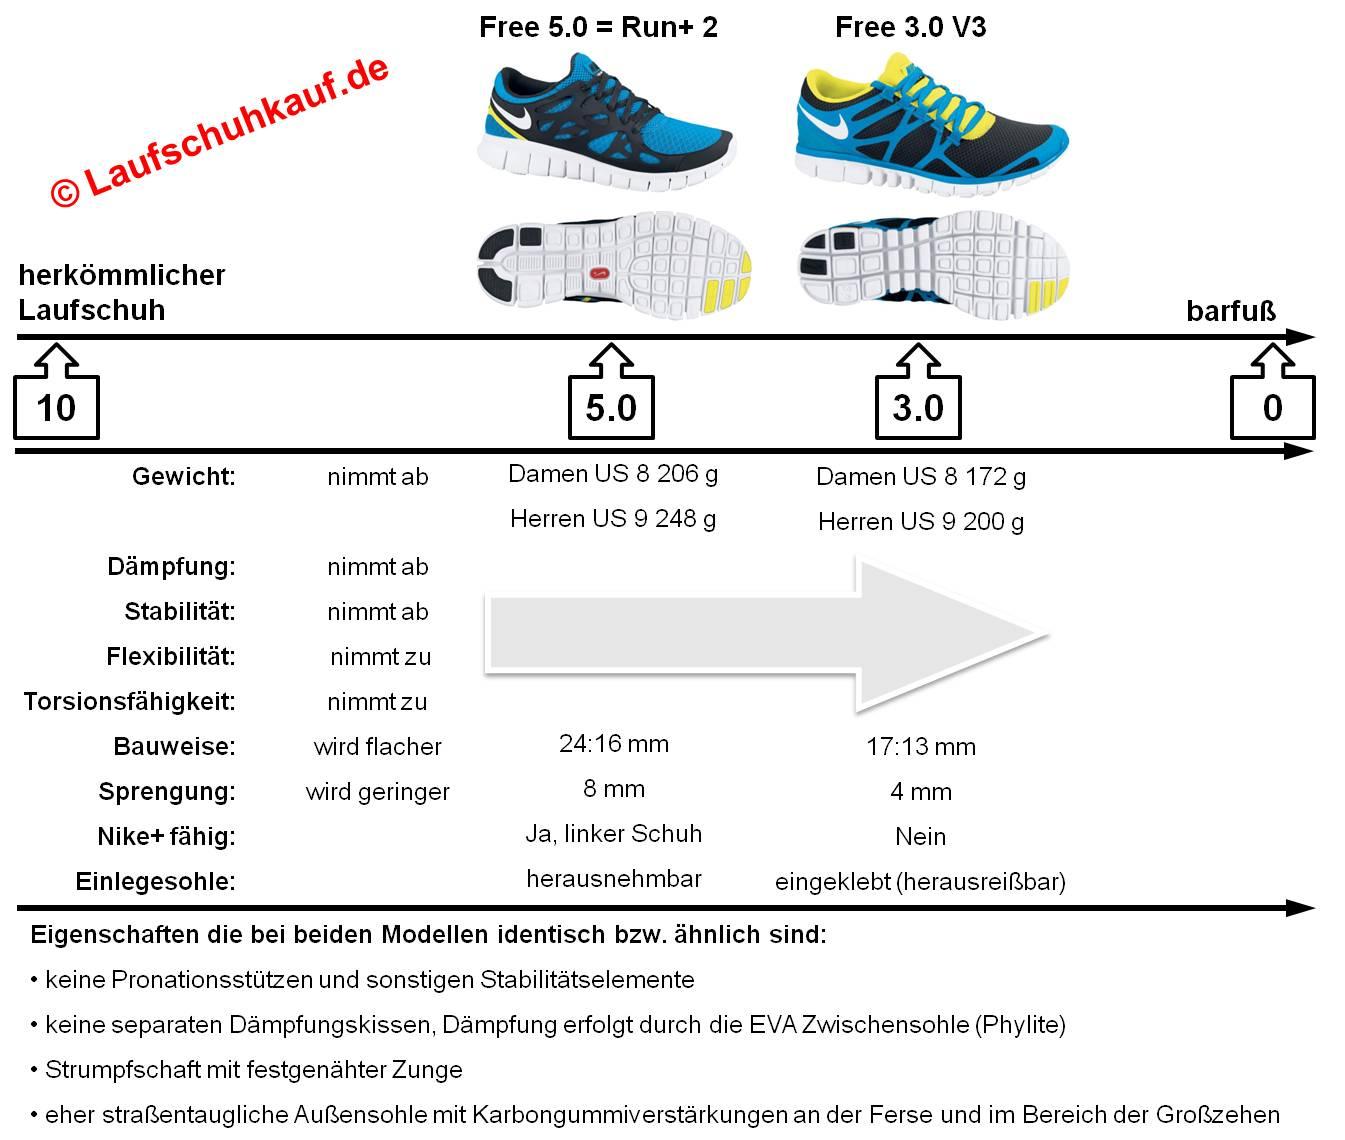 Nike Free Unterschiede zwischen den Modellen (c) Laufschuhkauf.de